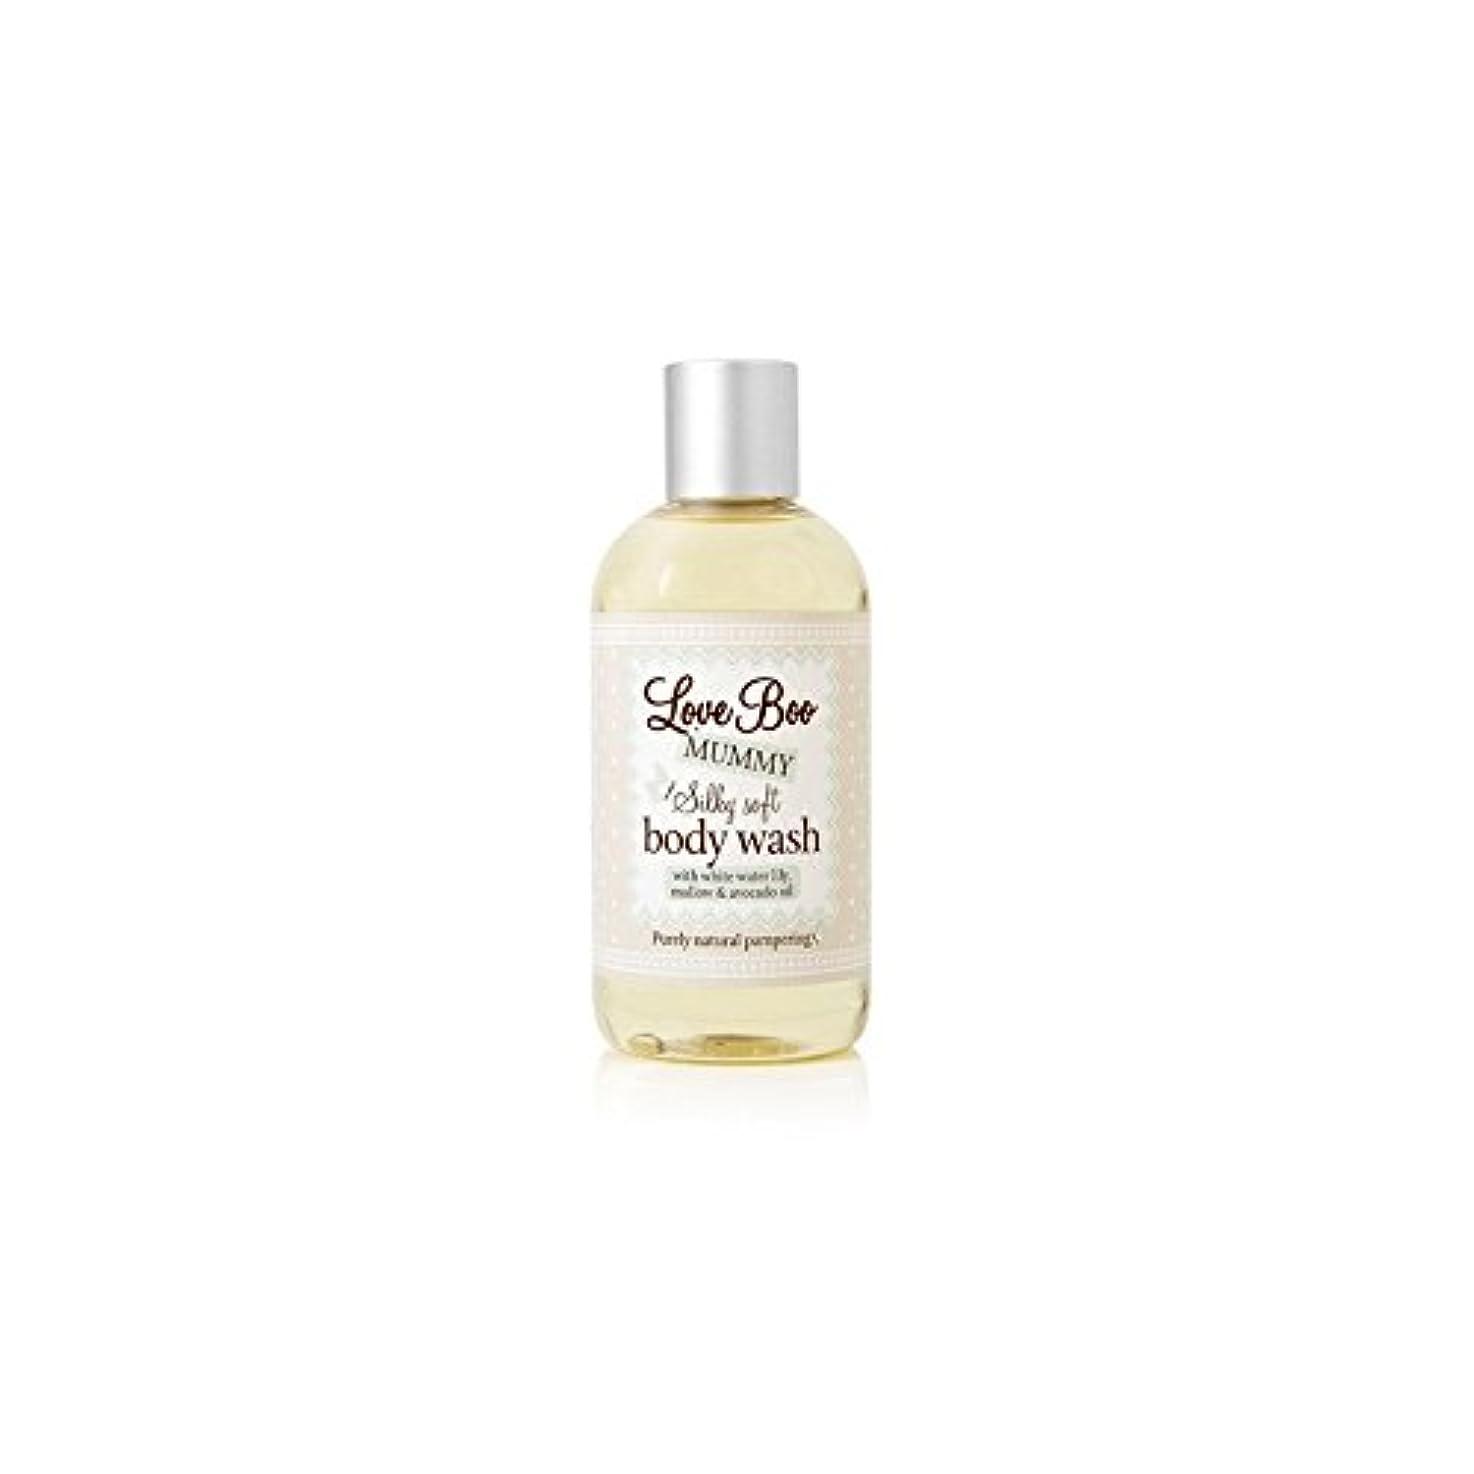 居心地の良いボルト吸収剤絹のようなソフトボディウォッシュ(250ミリリットル)愛 x4 - Love Boo Silky Soft Body Wash (250ml) (Pack of 4) [並行輸入品]